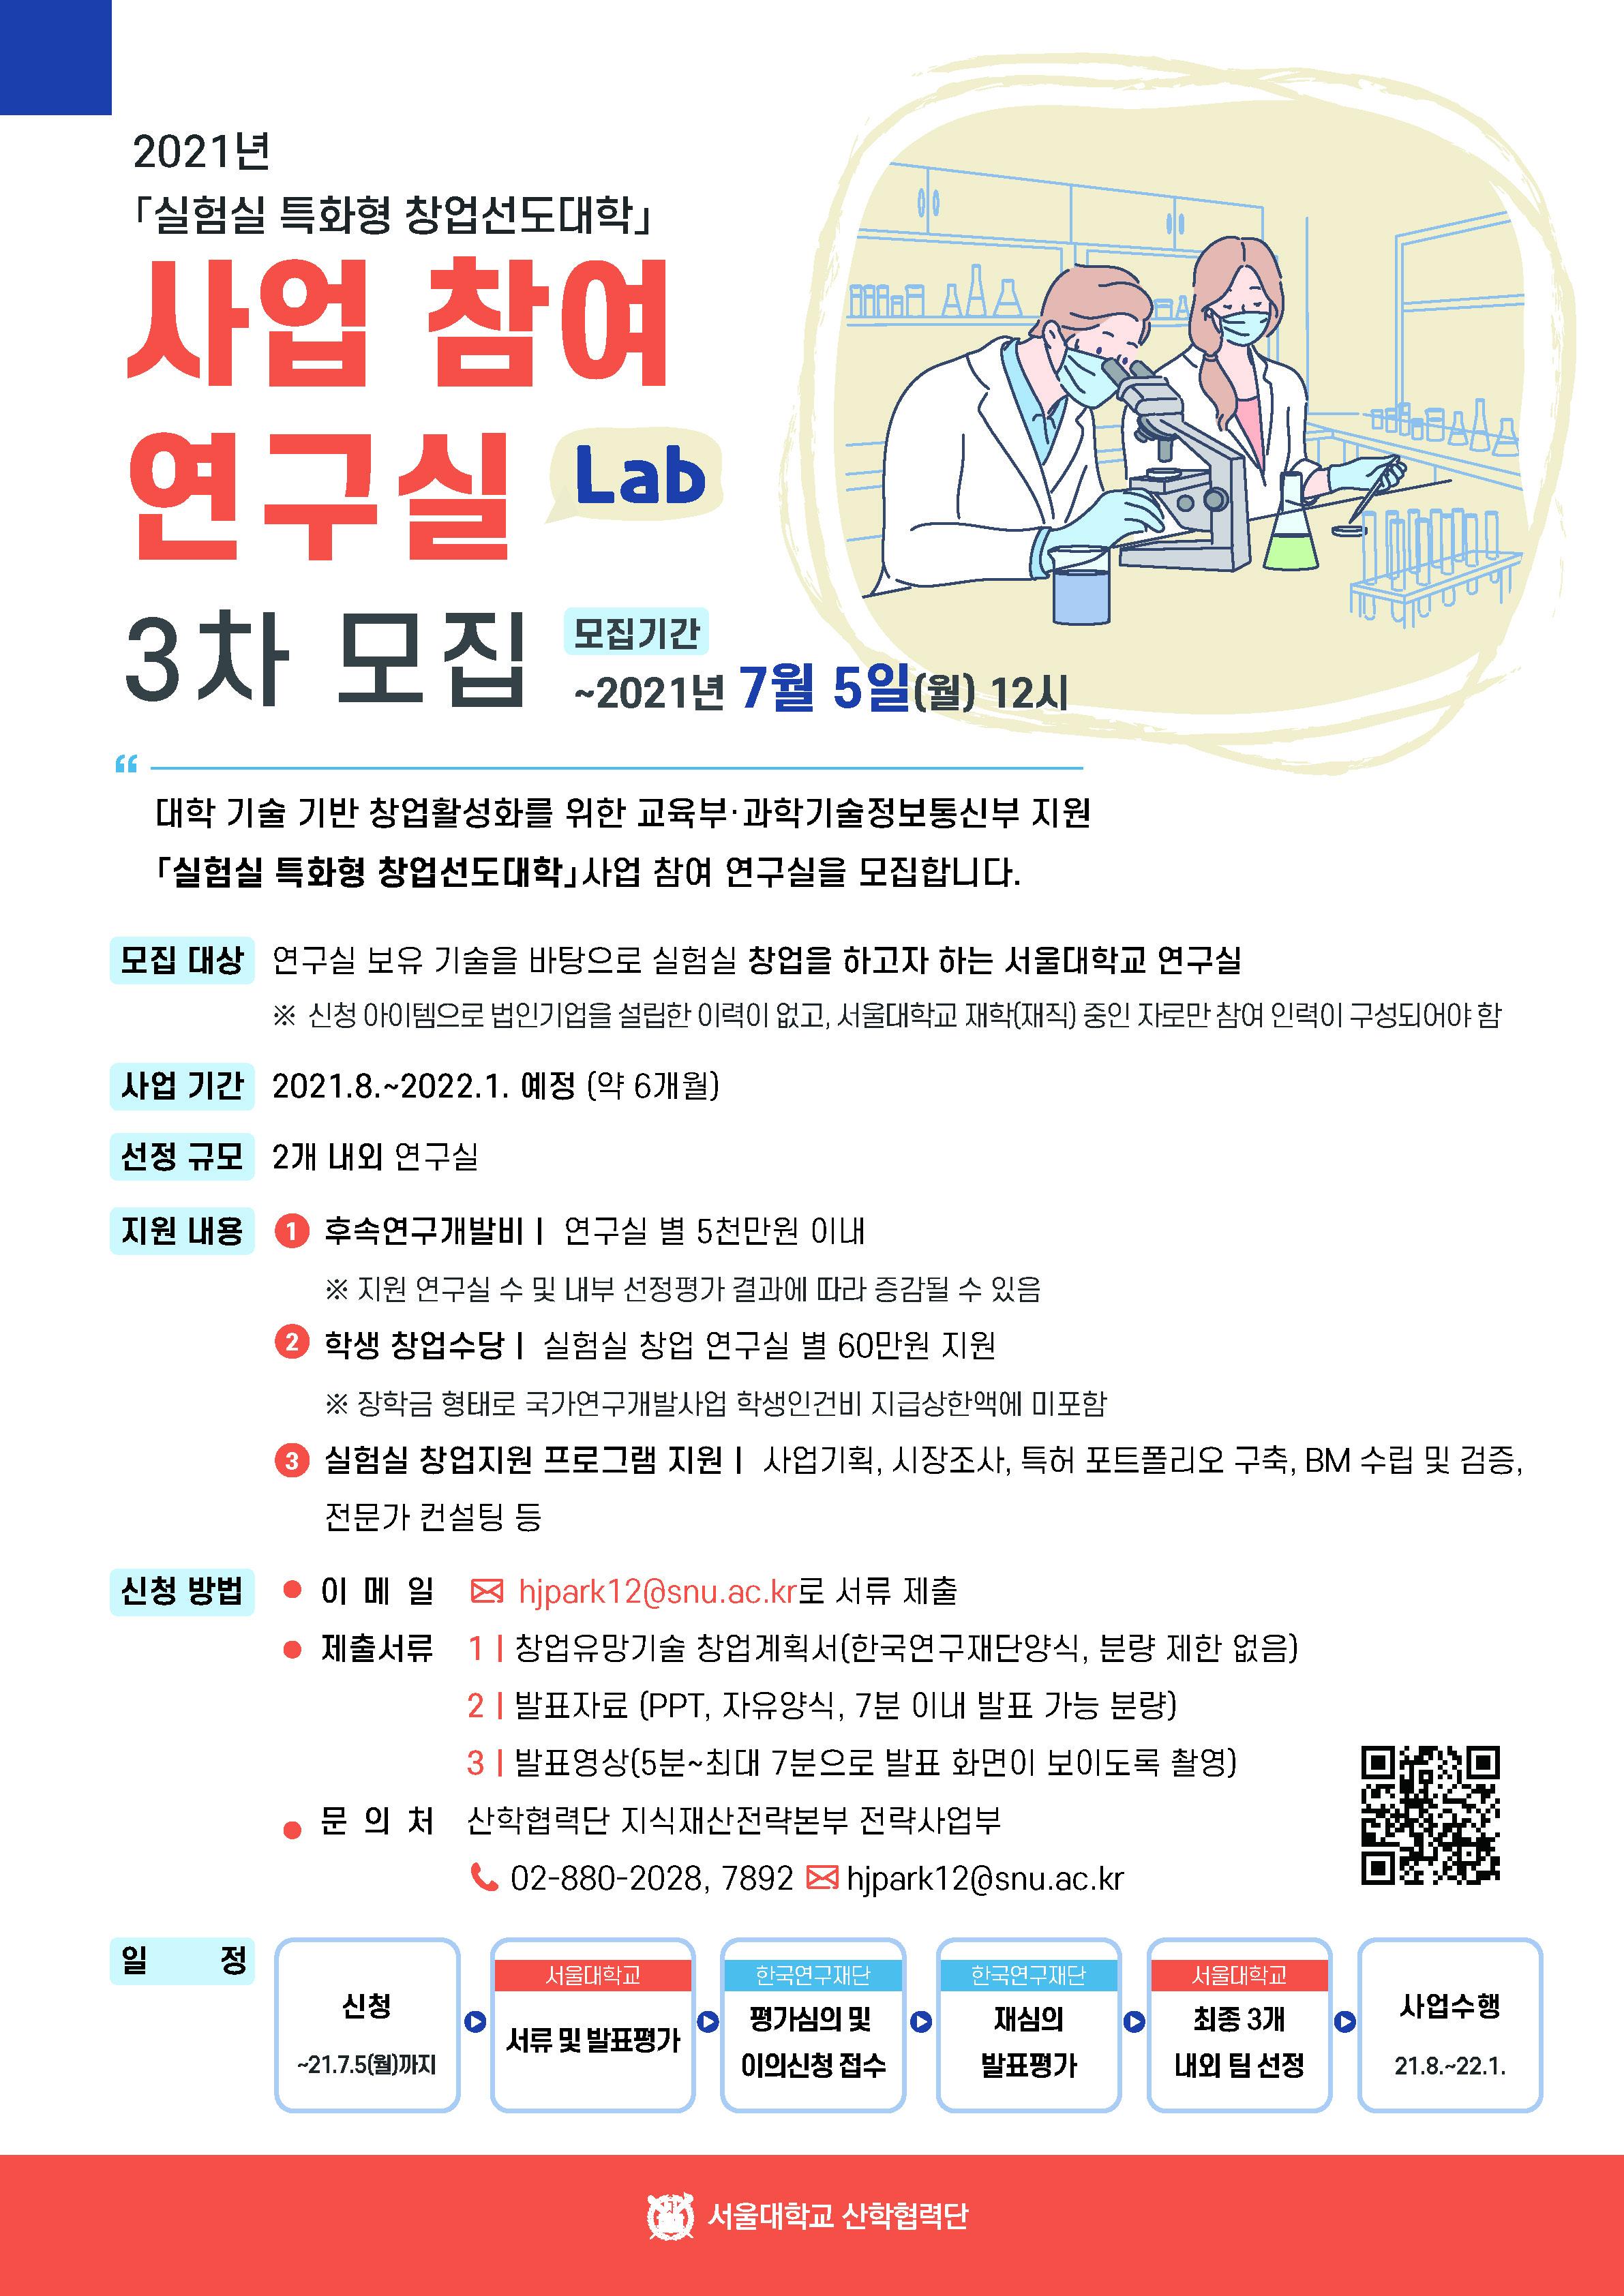 2021년도 「실험실 특화형 창업선도대학」사업 참여 연구실(Lab) 3차 모집 포스터